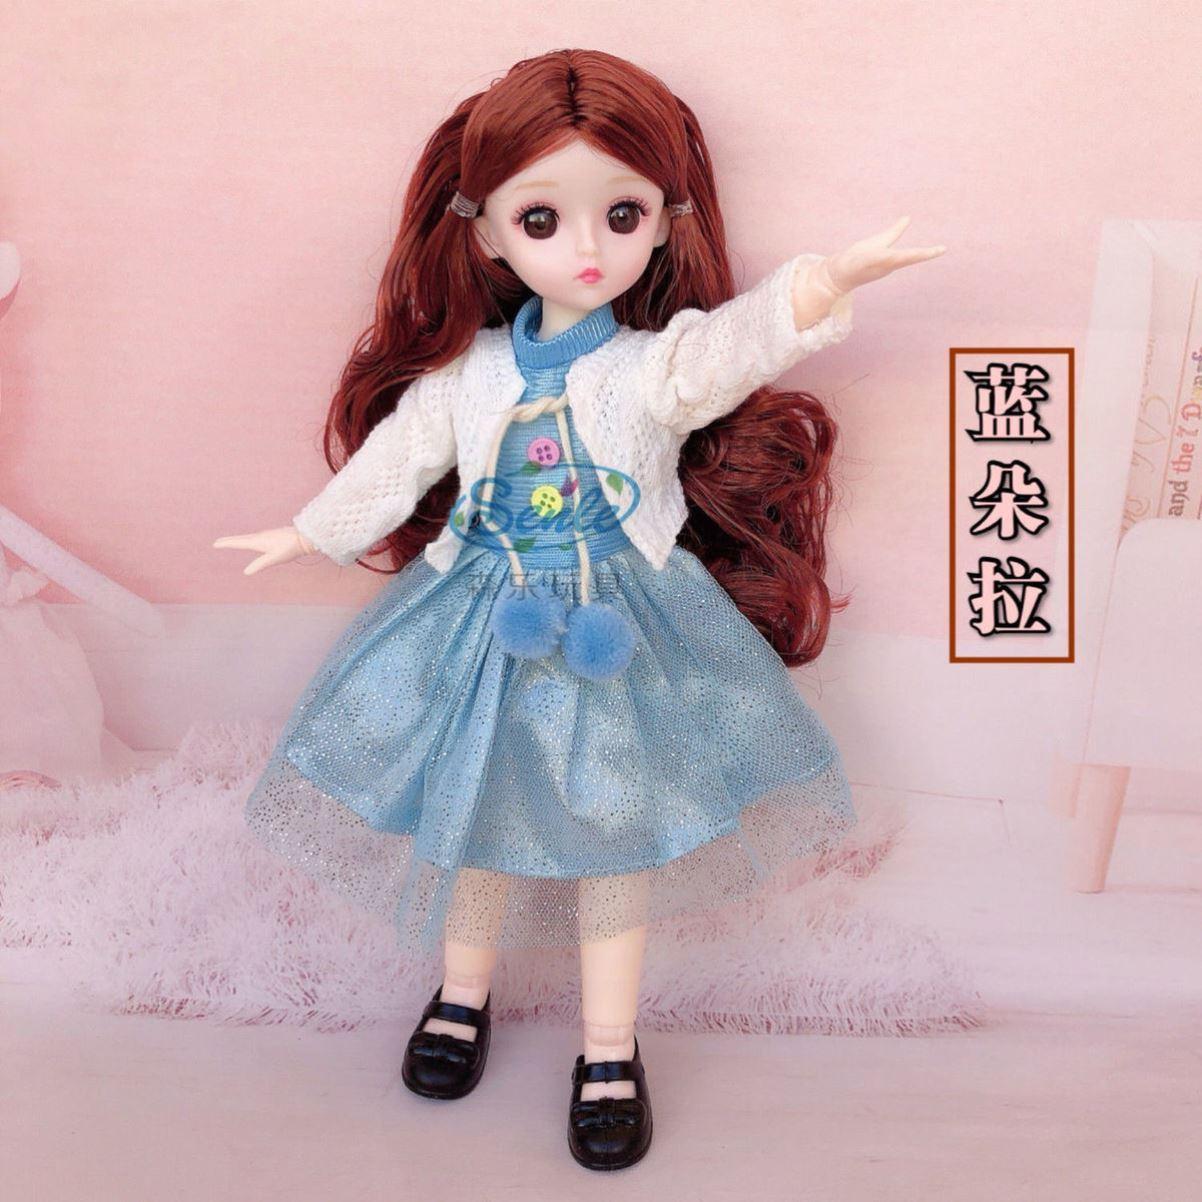 6分娃娃衣服毛衣毛绒大衣手工diy外套bjd公主灰姑娘娃衣玩具时装